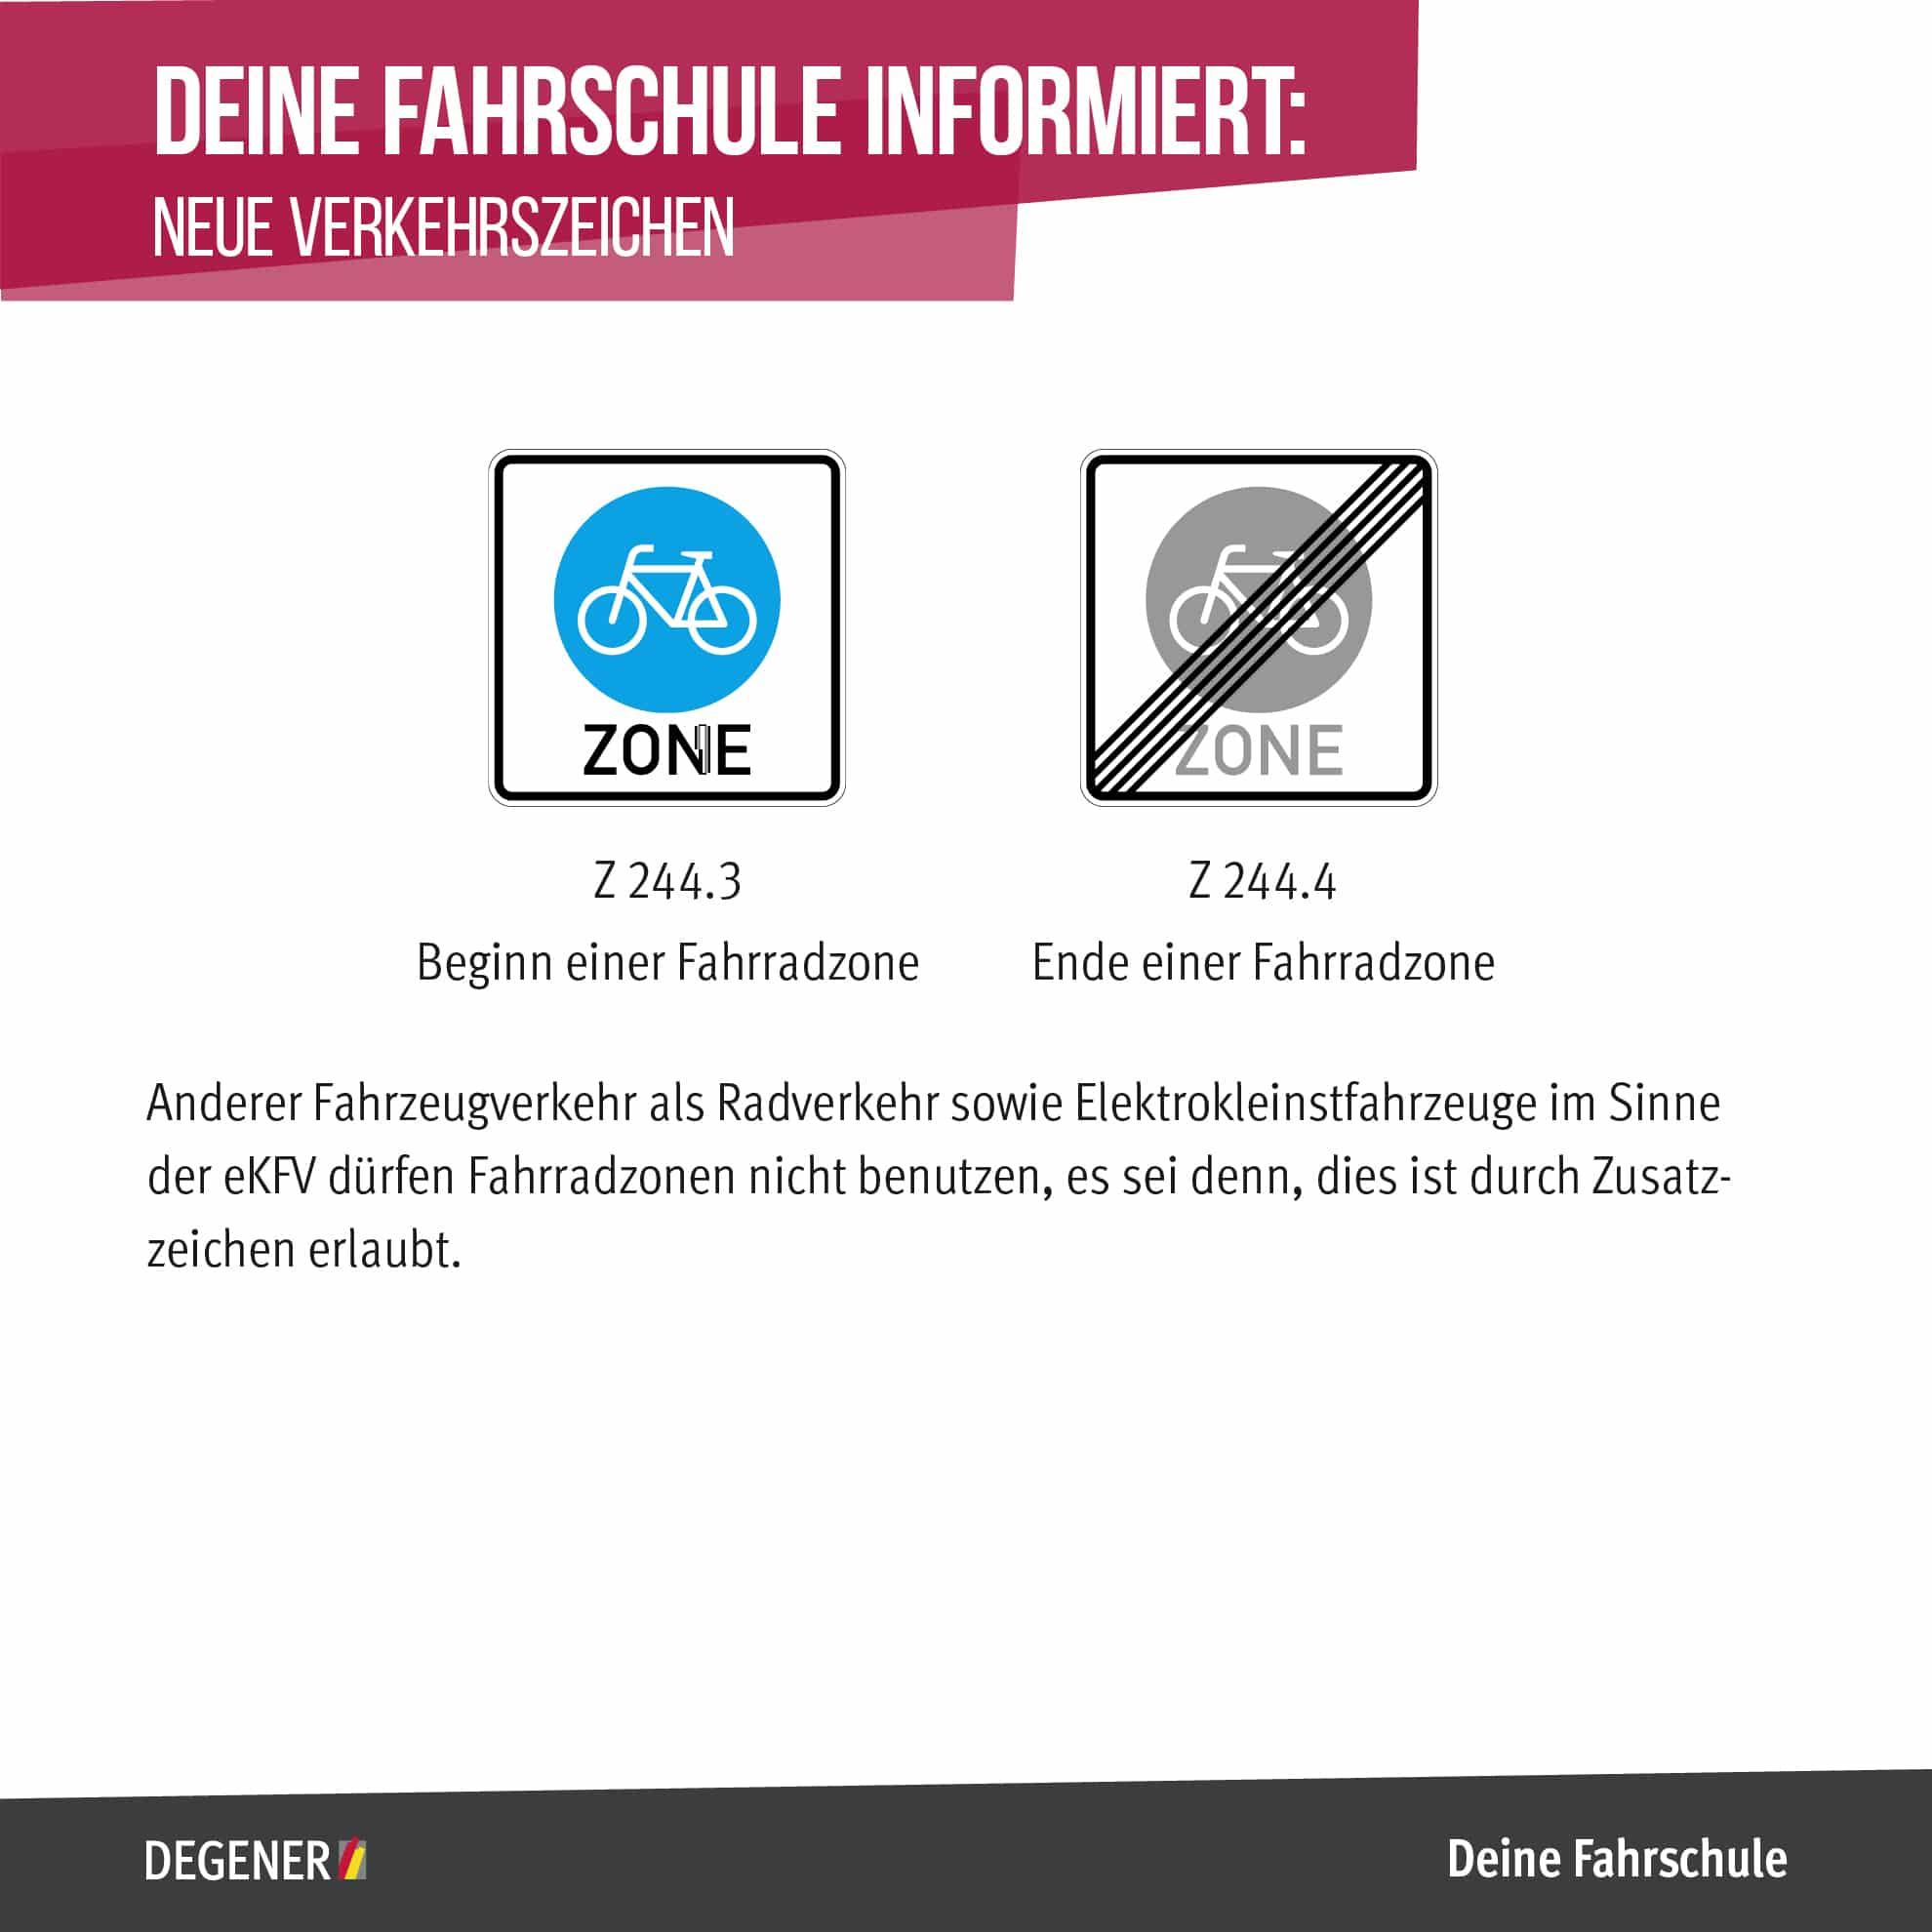 03_Deine-FS-informiert-neue-Verkehrszeichen